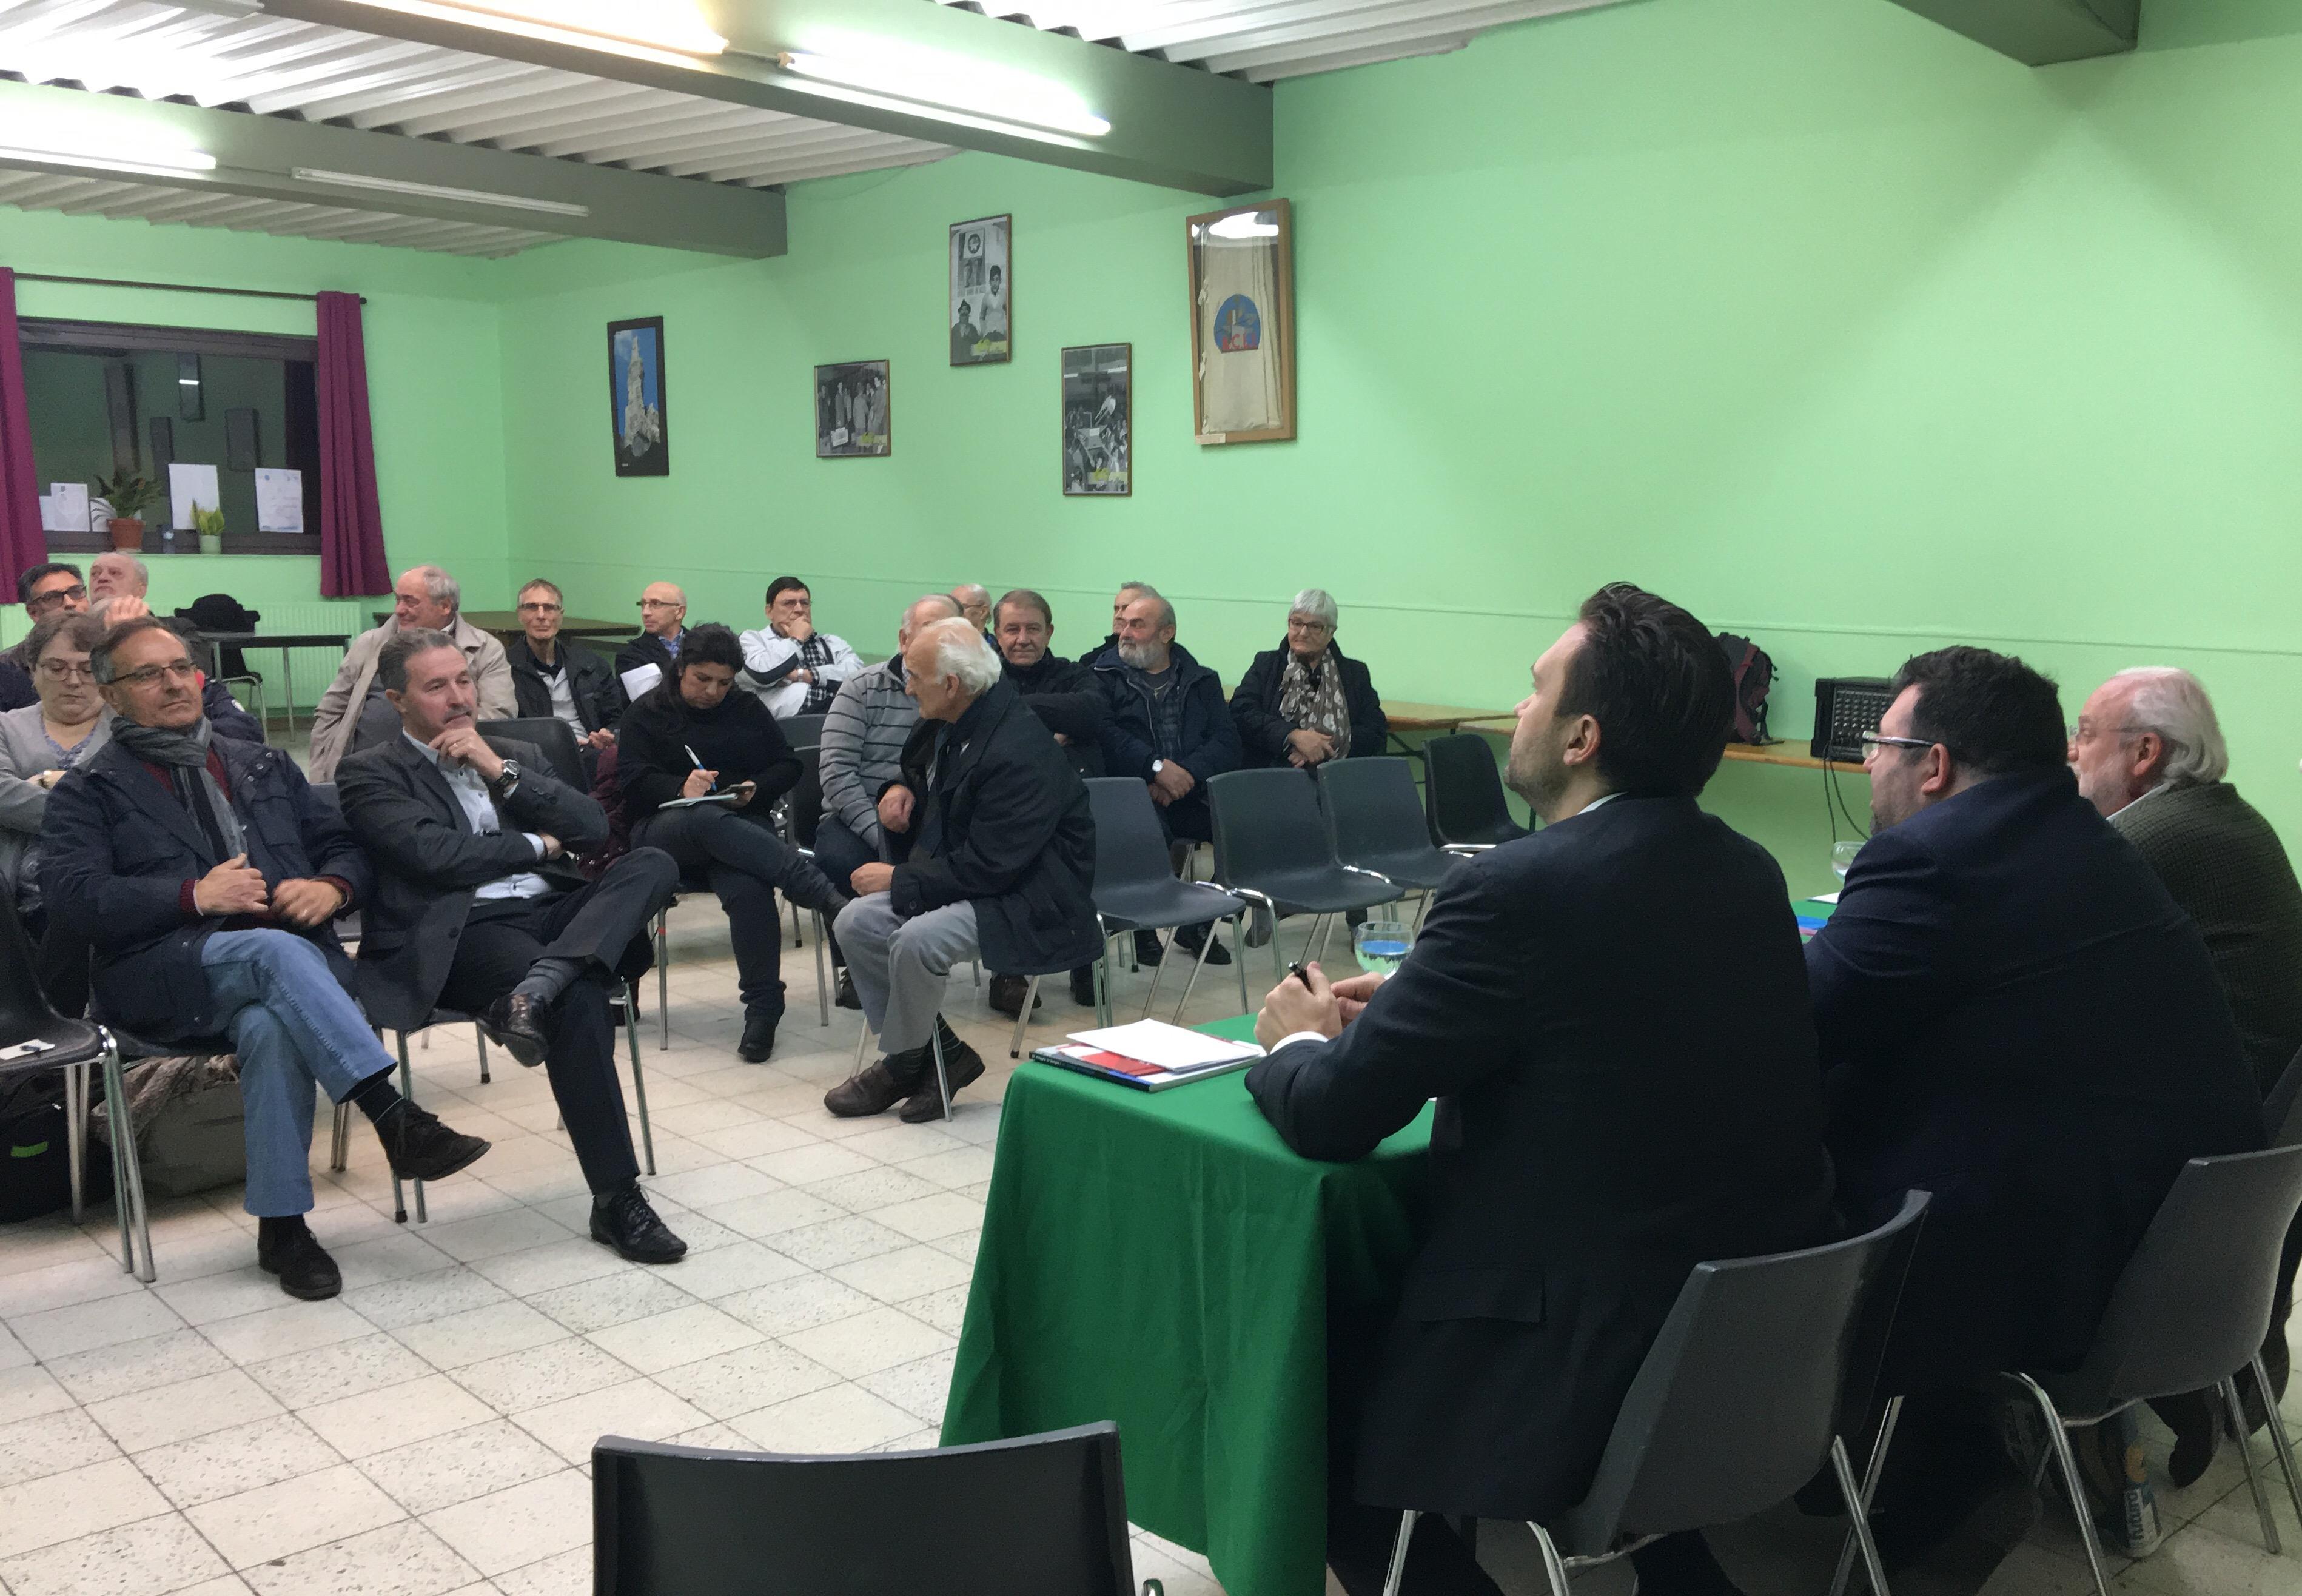 Incontro su referendum riforma costituzionale - Charleroi